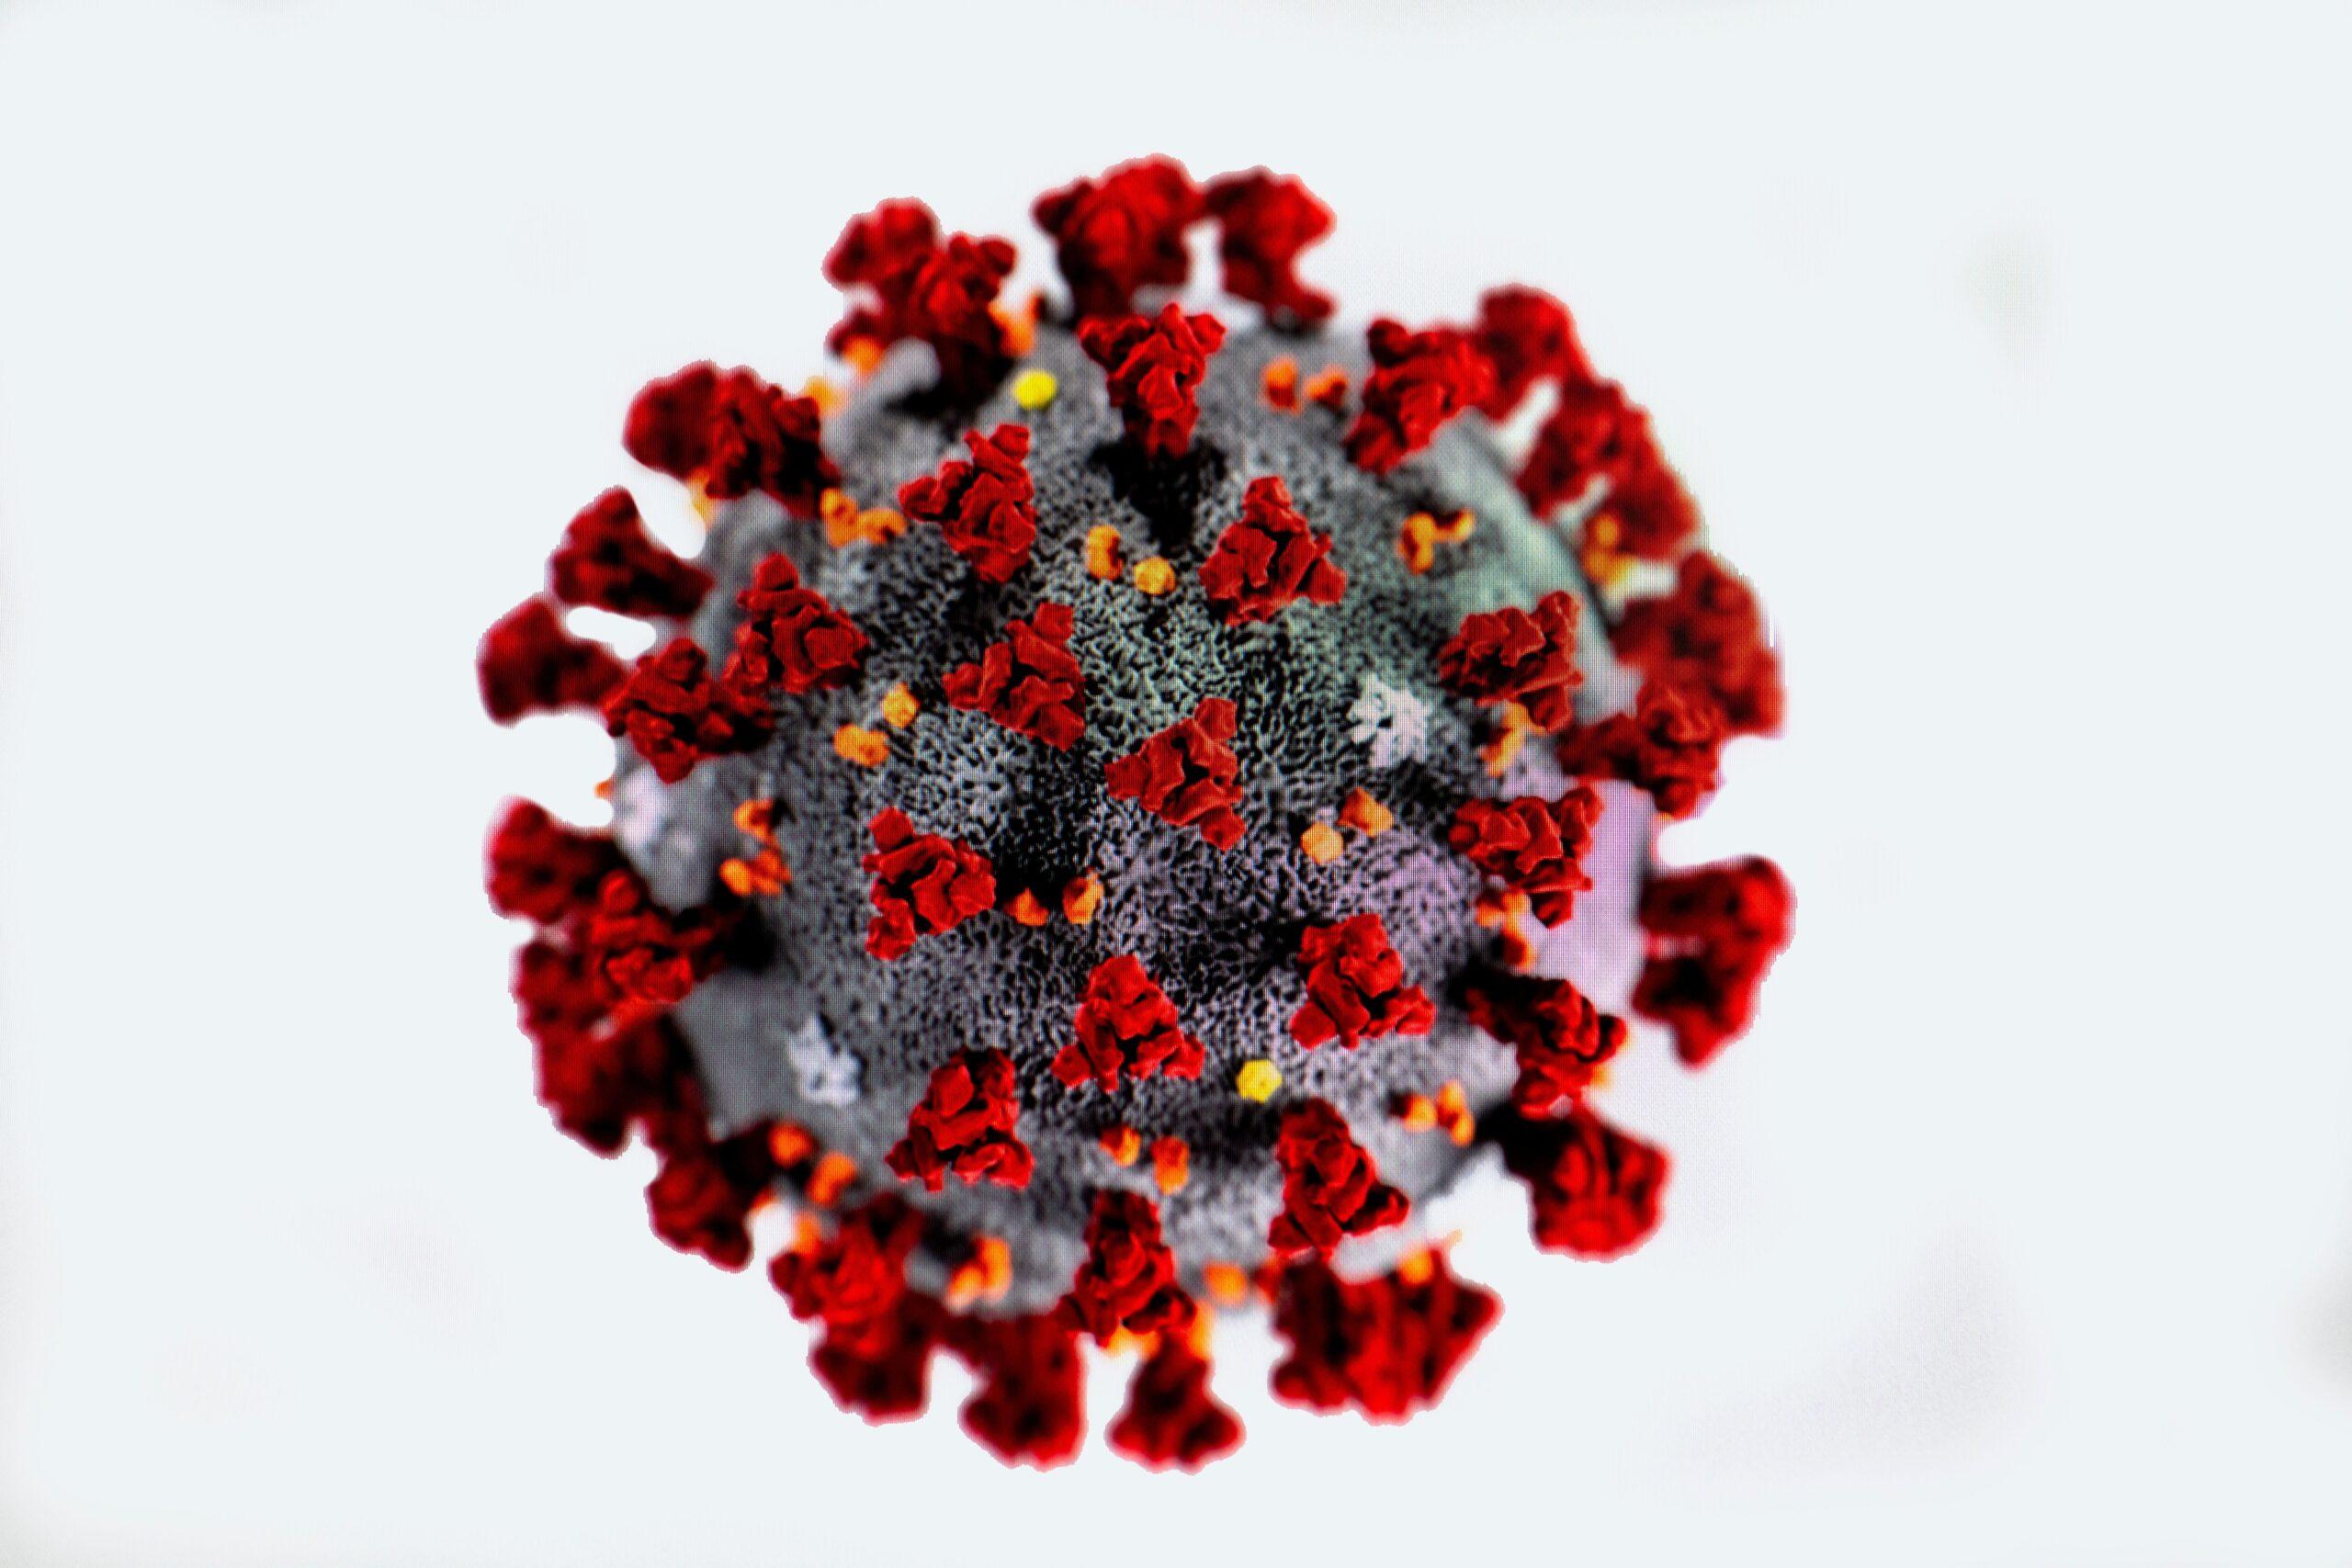 Image of Coronavirus COVID-19